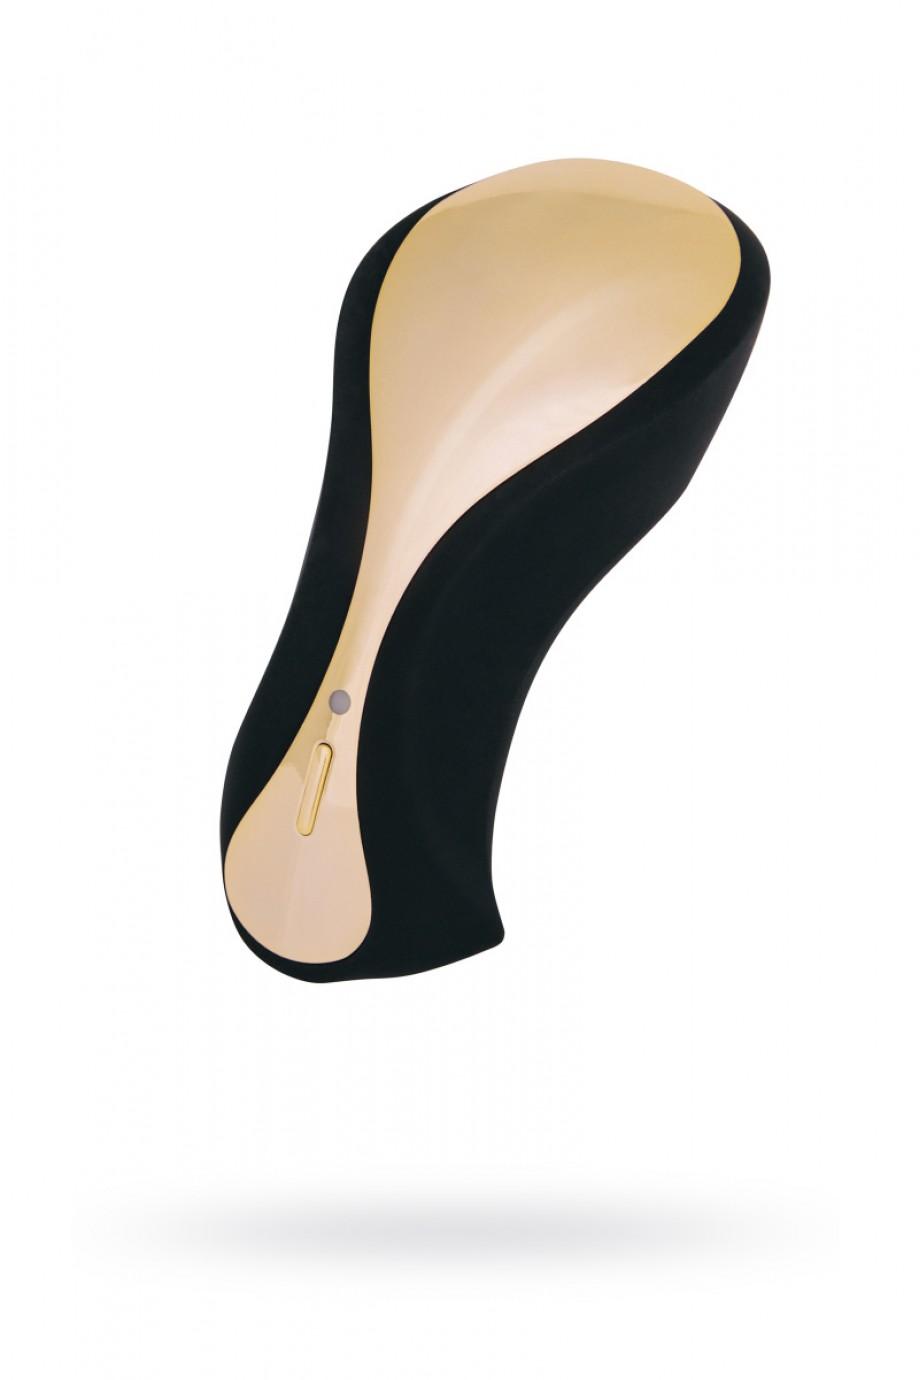 Вибратор с клиторальным стимулятором WANAME D-SPLASH Surf, Силикон, Чёрный, 10,8 см